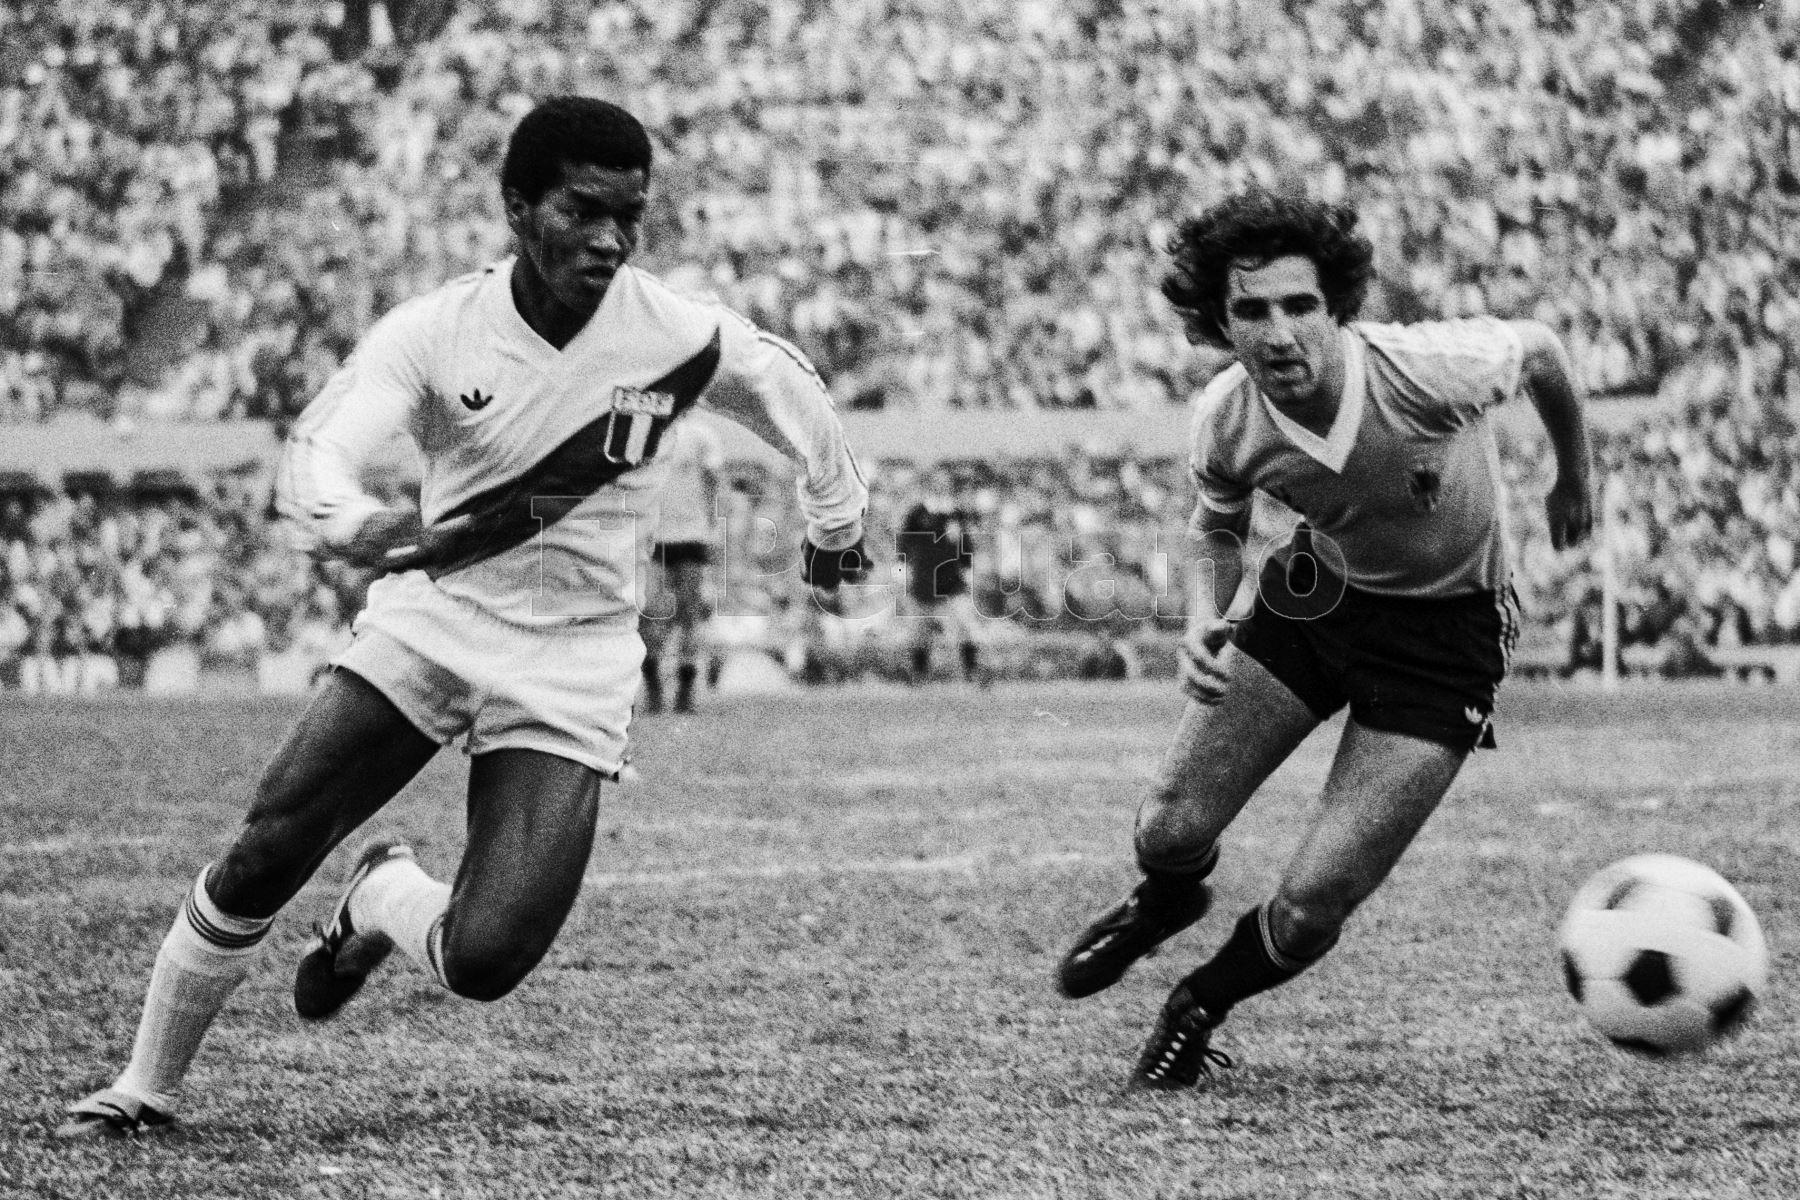 Montevideo, Uruguay - 23 agosto 1981 / El volante Julio César Uribe  fue la figura del partido que Perú le ganó a Uruguay por 2-1 en el estadio Centenario. Los peruanos alcanzaron la punta del Grupo 2 de las eliminatorias sudamericanas y quedaron a un punto de clasificar al Mundial de España 82.Foto: Archivo El Peruano/ Rómulo Luján